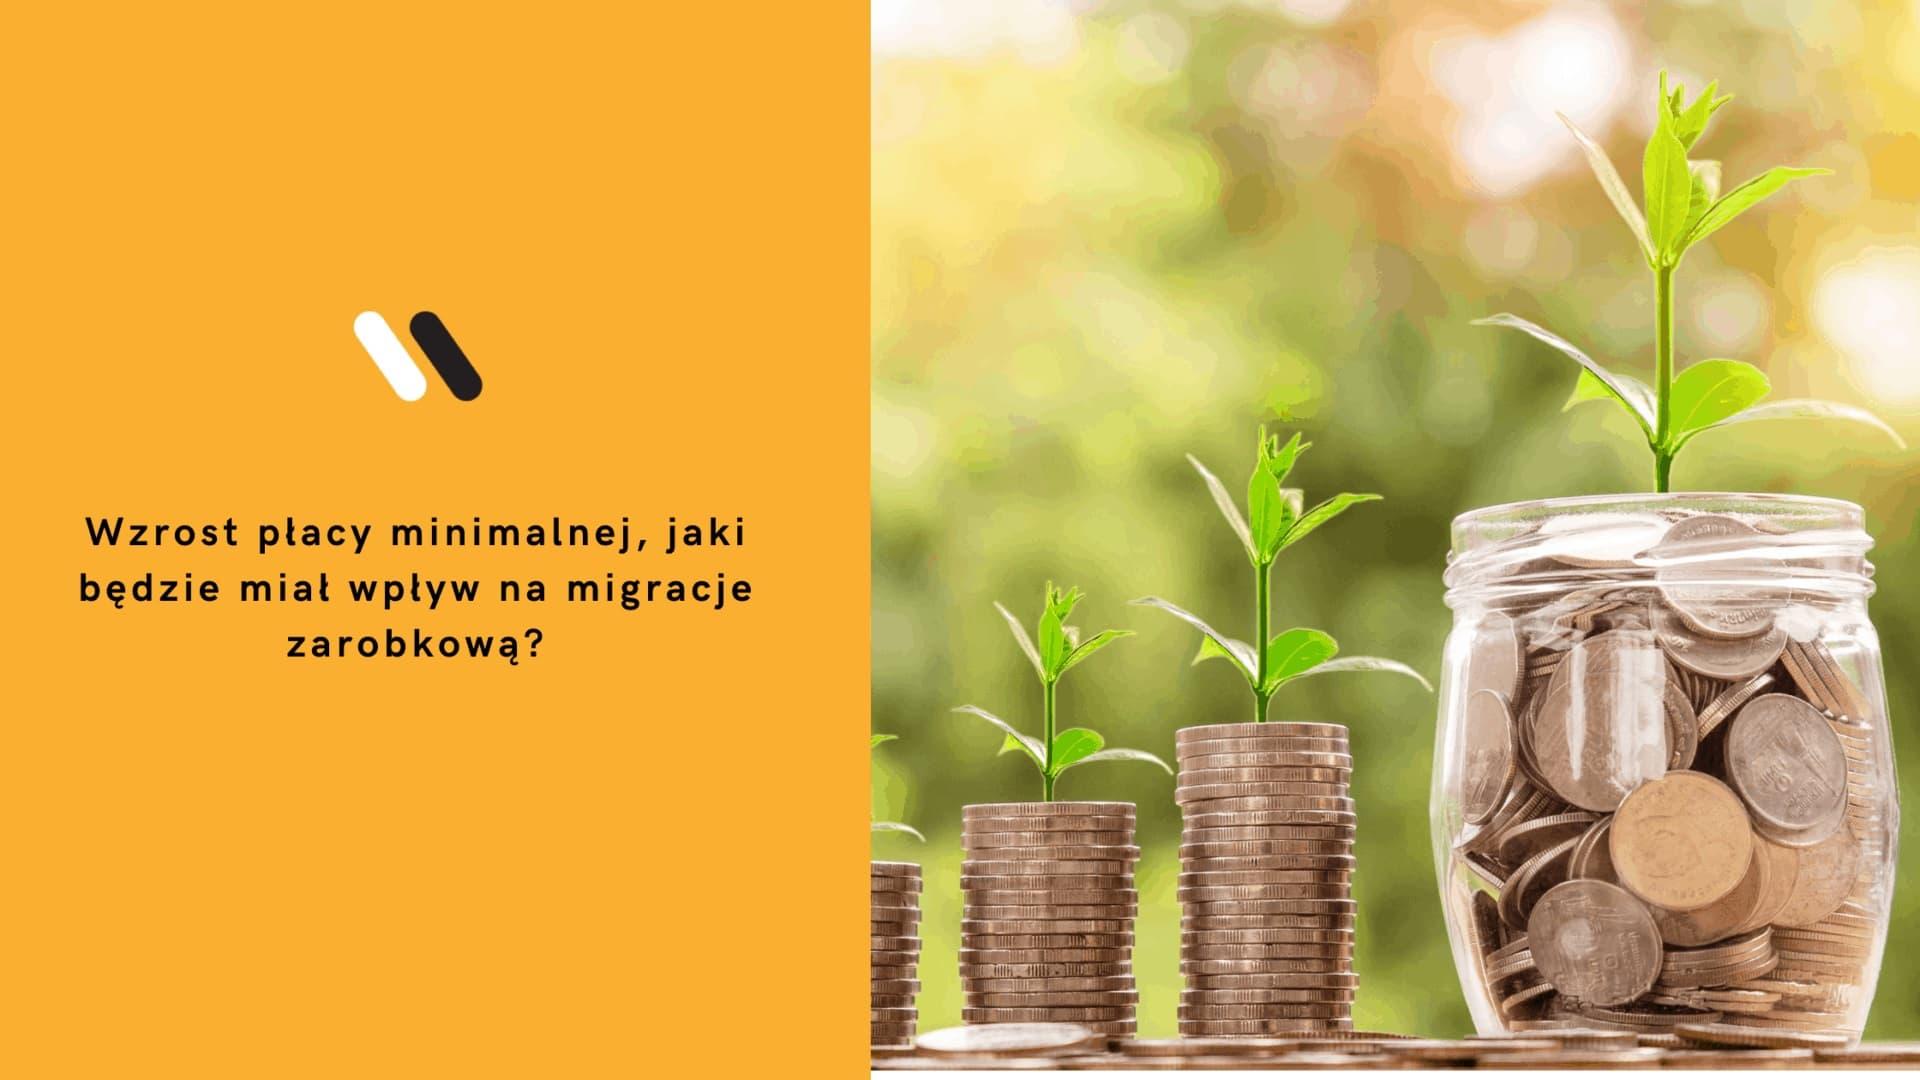 Wzrost płacy minimalnej jaki będzie miał wpływ namigracje zarobkową